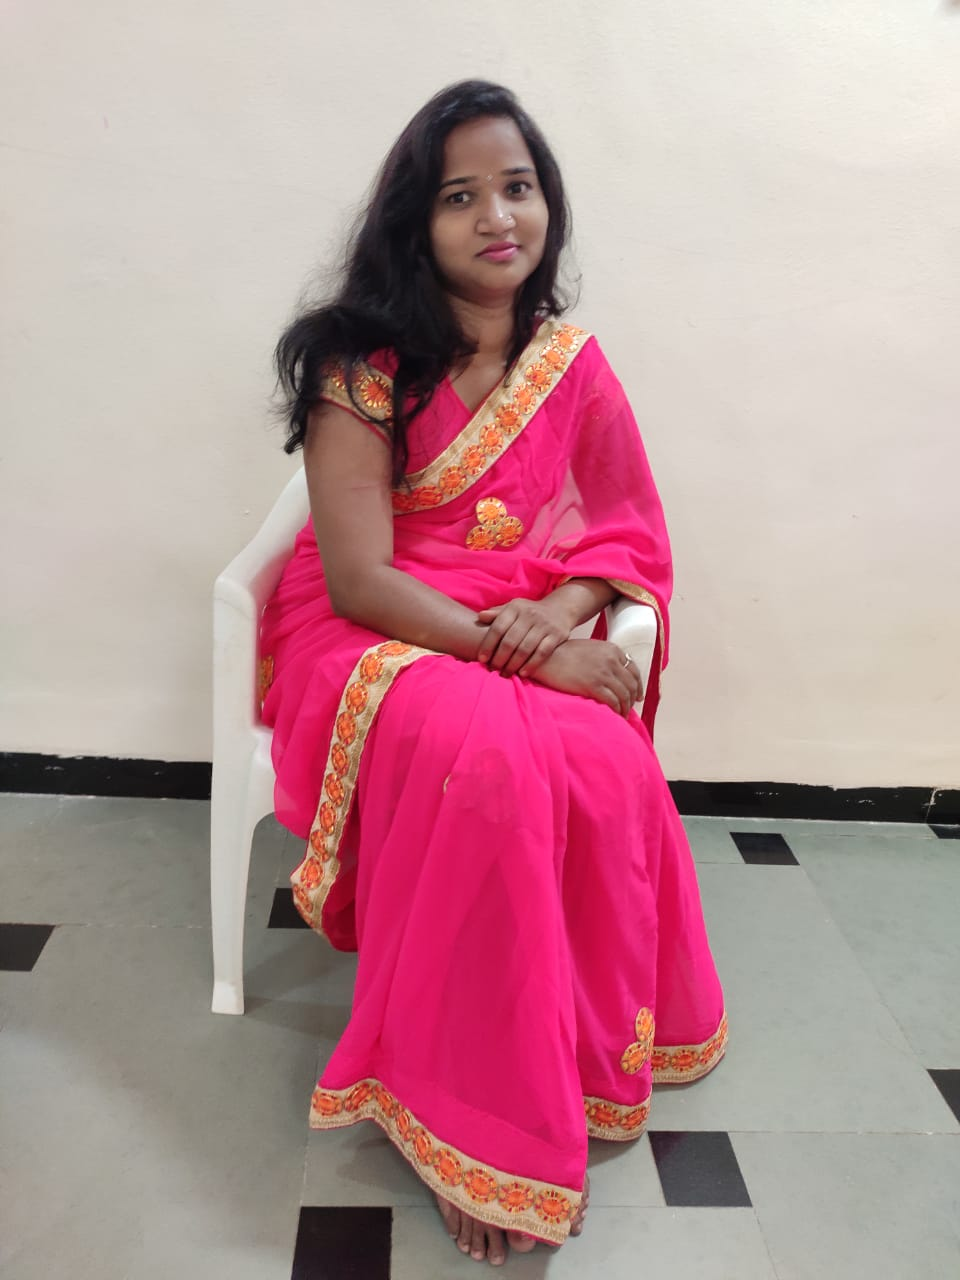 Jaishree